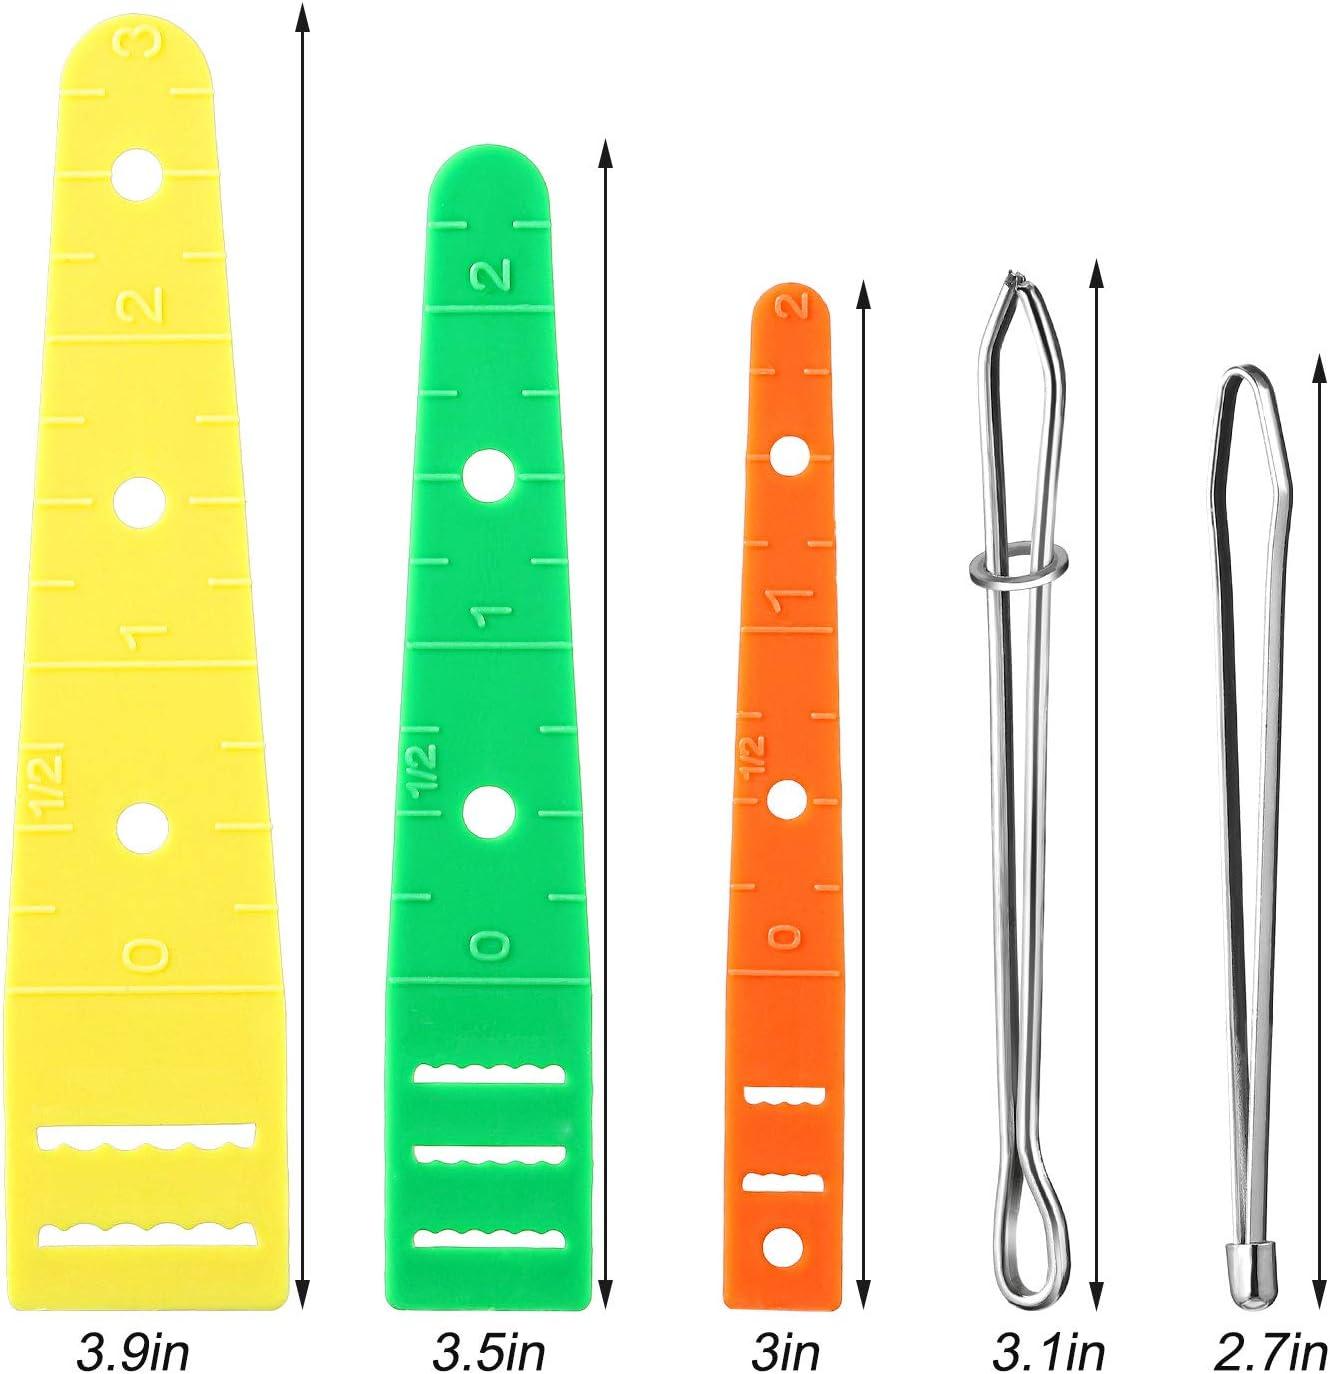 12 cordoncini di ricambio con 12 chiusure a molla fai da te 7 pezzi di ricambio flessibili con coulisse di ricambio per giacche cappotti e pantaloni sportivi.